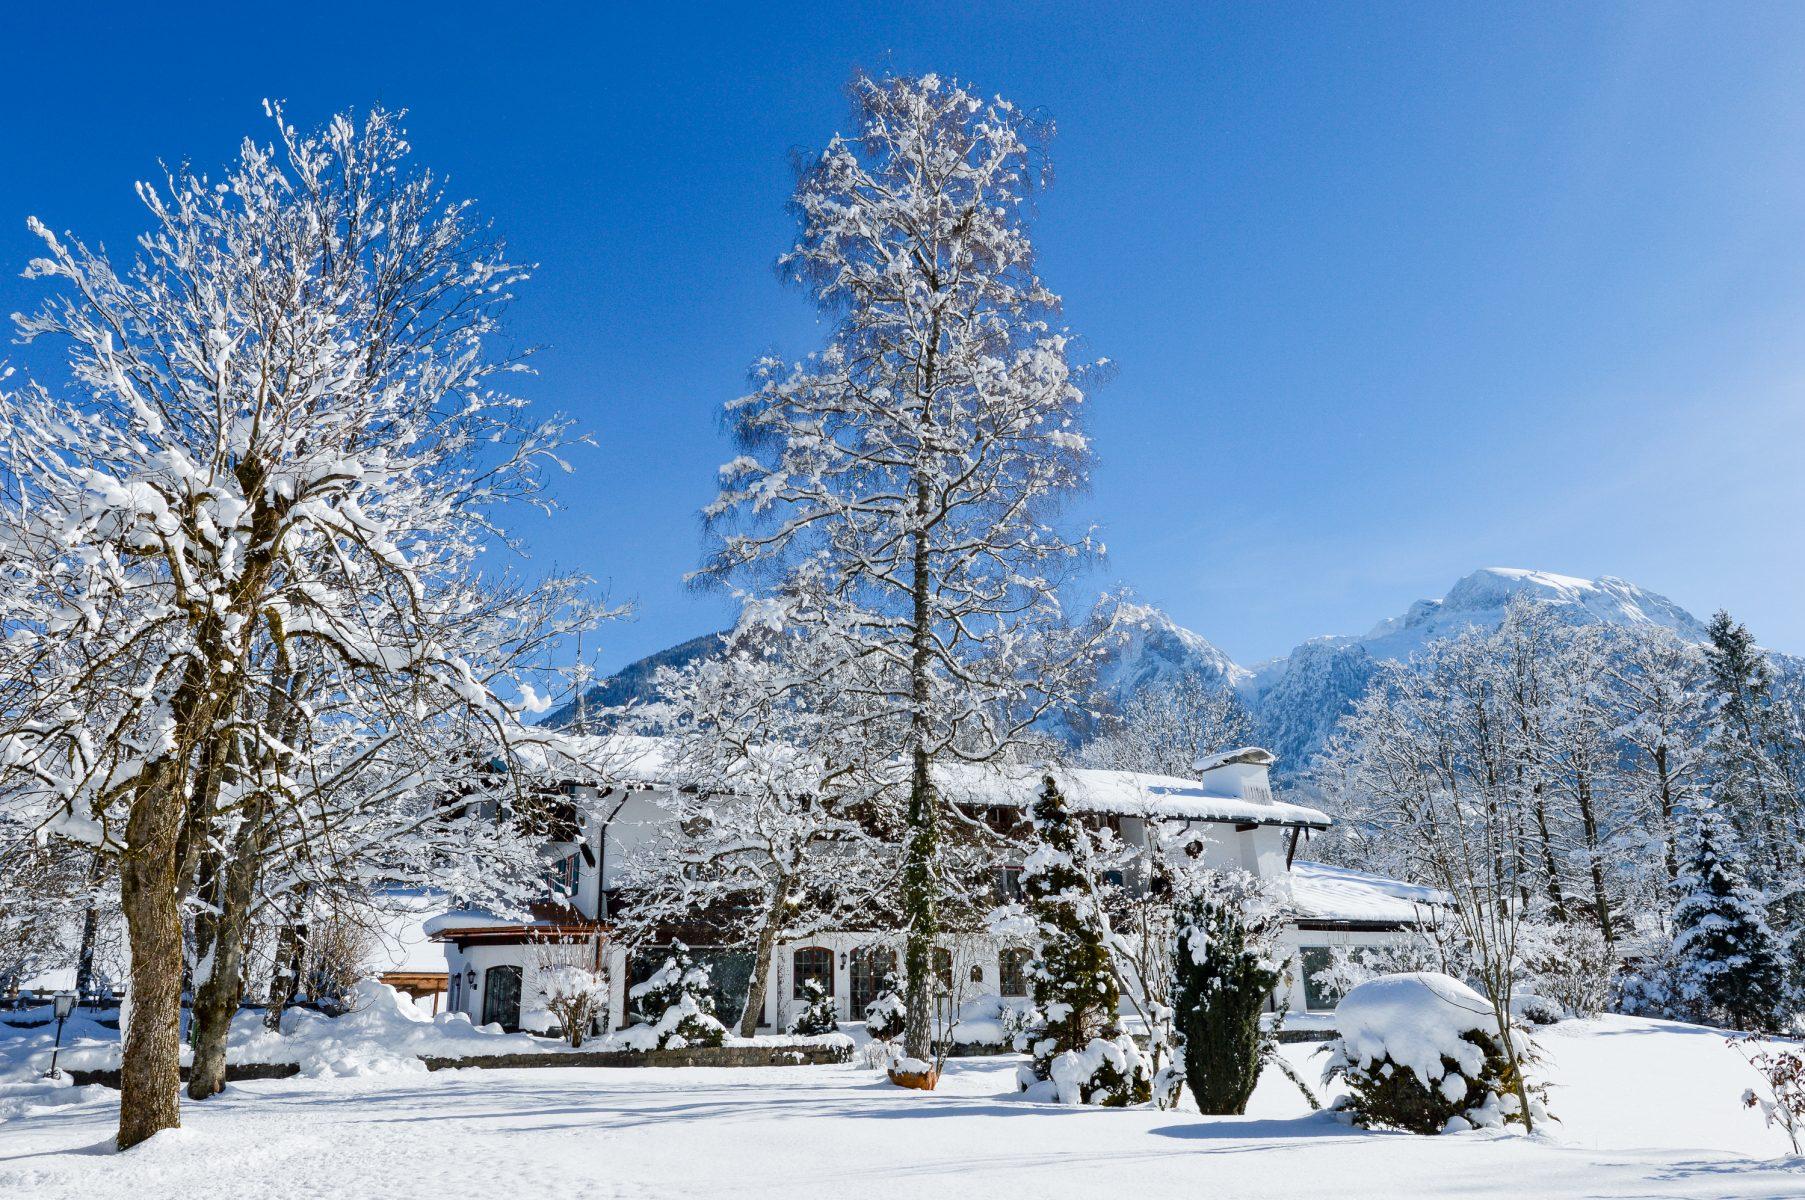 Winterurlaub im Berchtesgadener Land – Urlaub im Winter in Schönau am Königssee – Stoll's Hotel Alpina